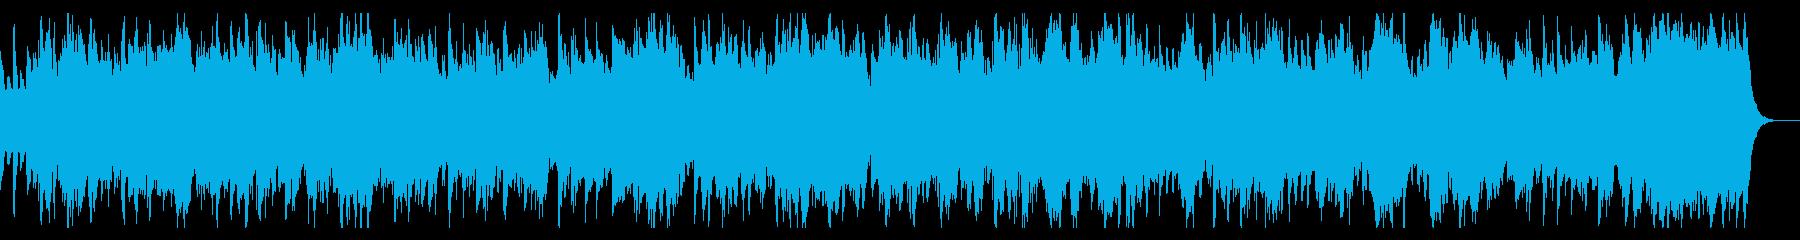 日常系の静かなピアノとストリングスBGMの再生済みの波形